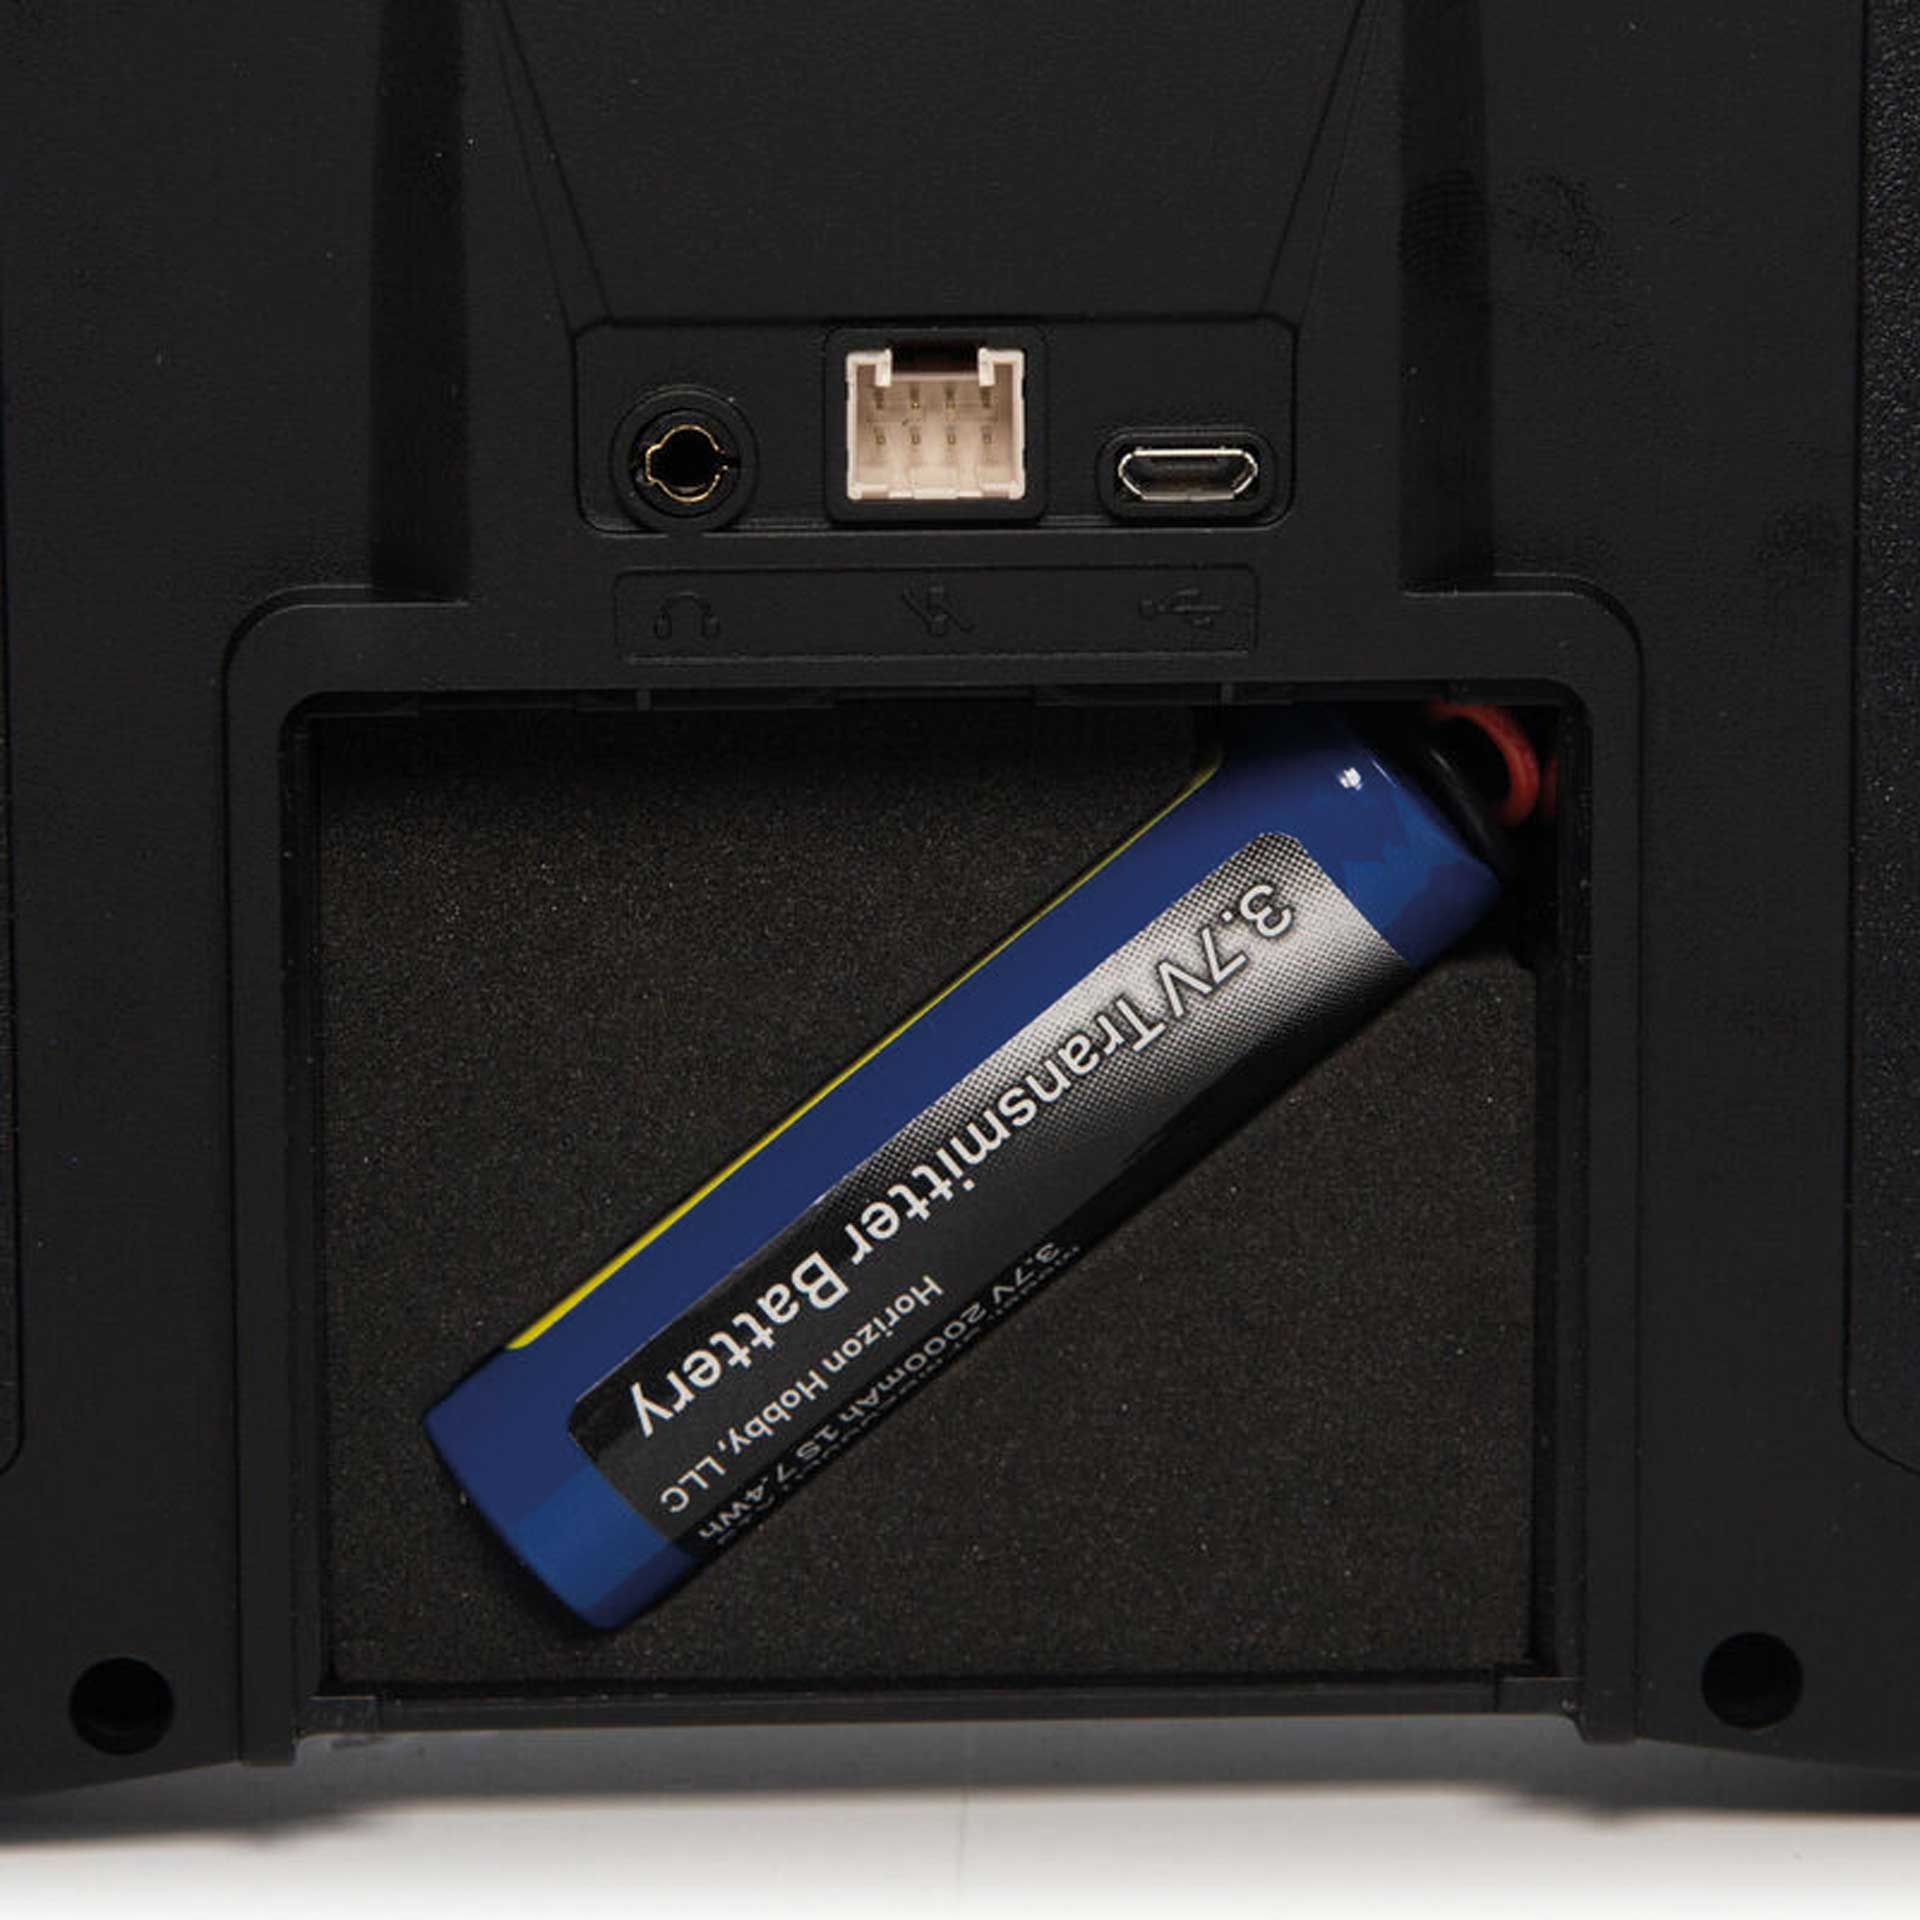 SPEKTRUM NX8 8-Kanal 2,4Ghz Fernsteuerung inkl. AR8020T Telemetrie Empfänger